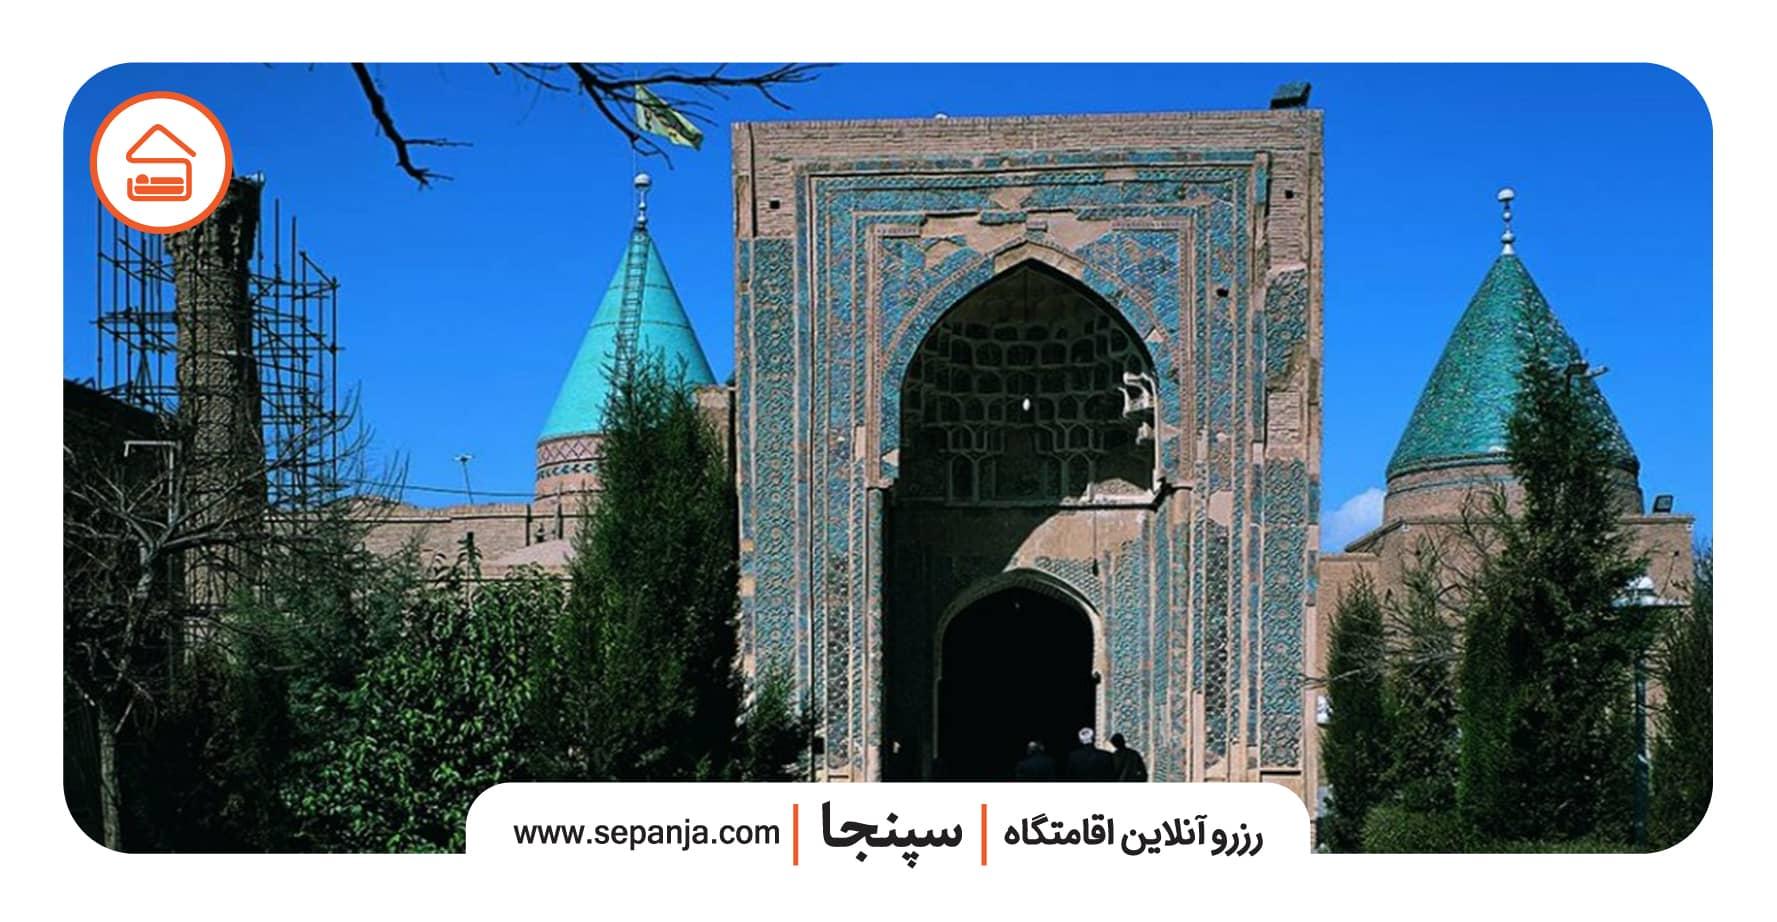 آرامگاه بایزید بسطامی از دیدنی های استان سمنان